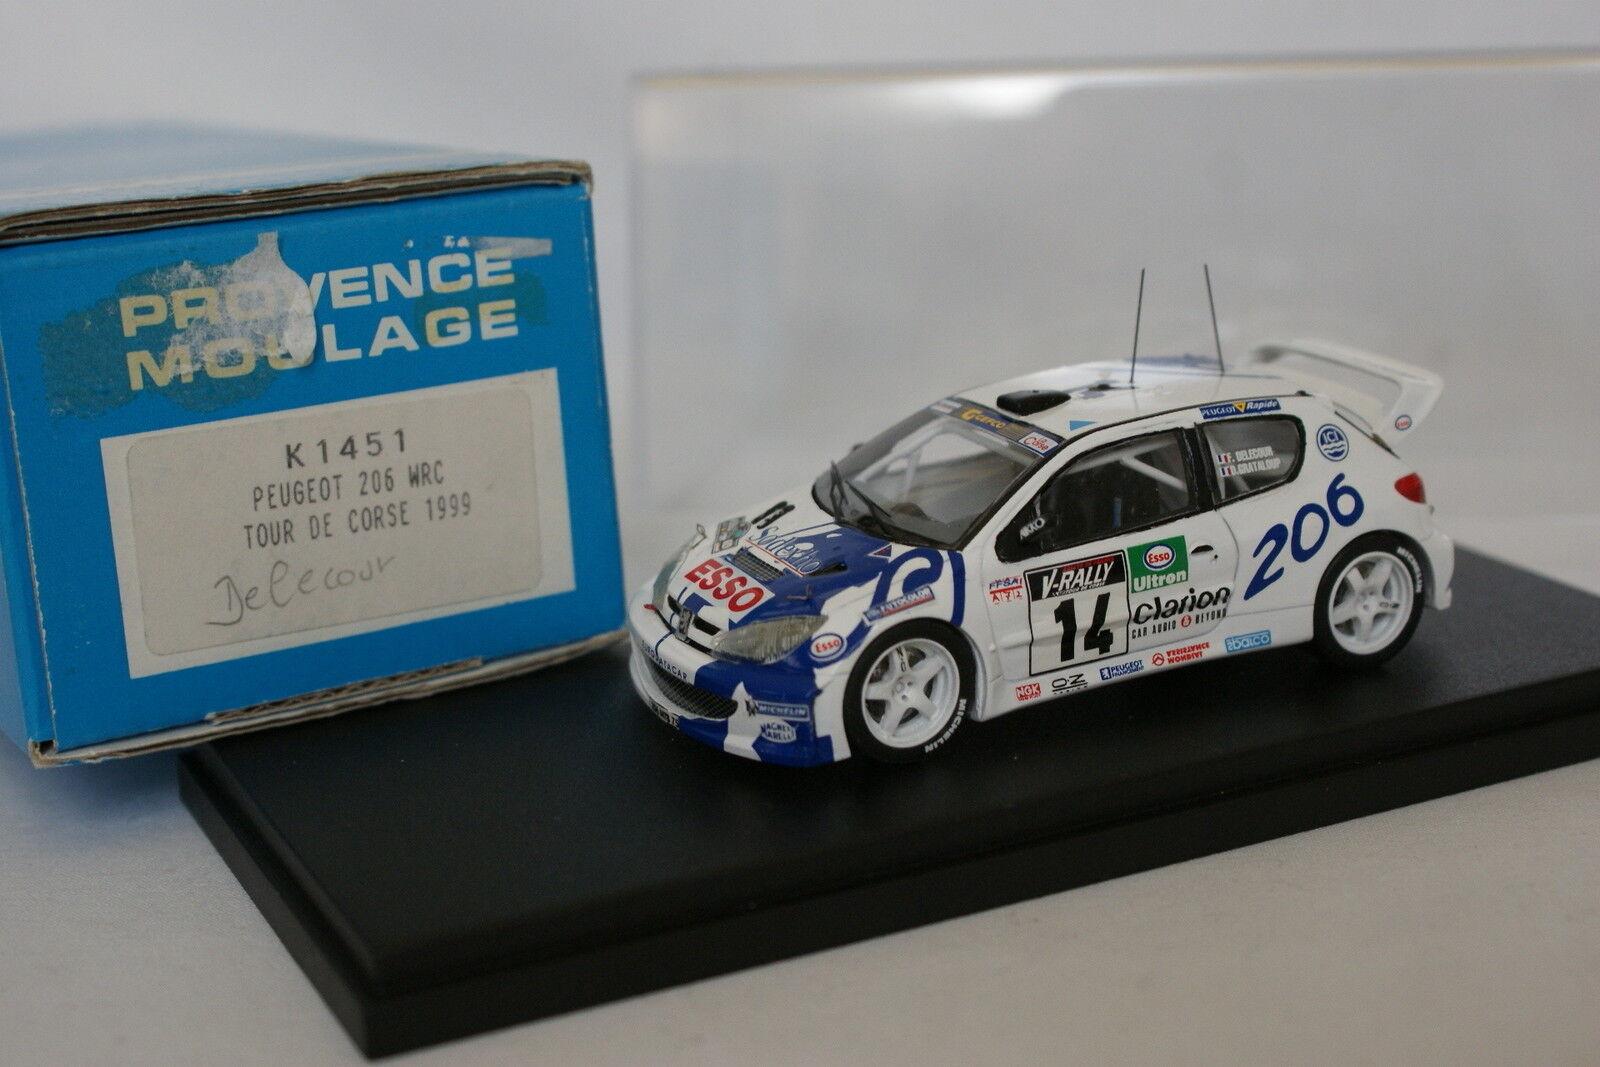 Provence Riproduzione Kit Montato 1 43 - Peugeot 206 206 206 WRC di Corse 1999 N.14 bca467